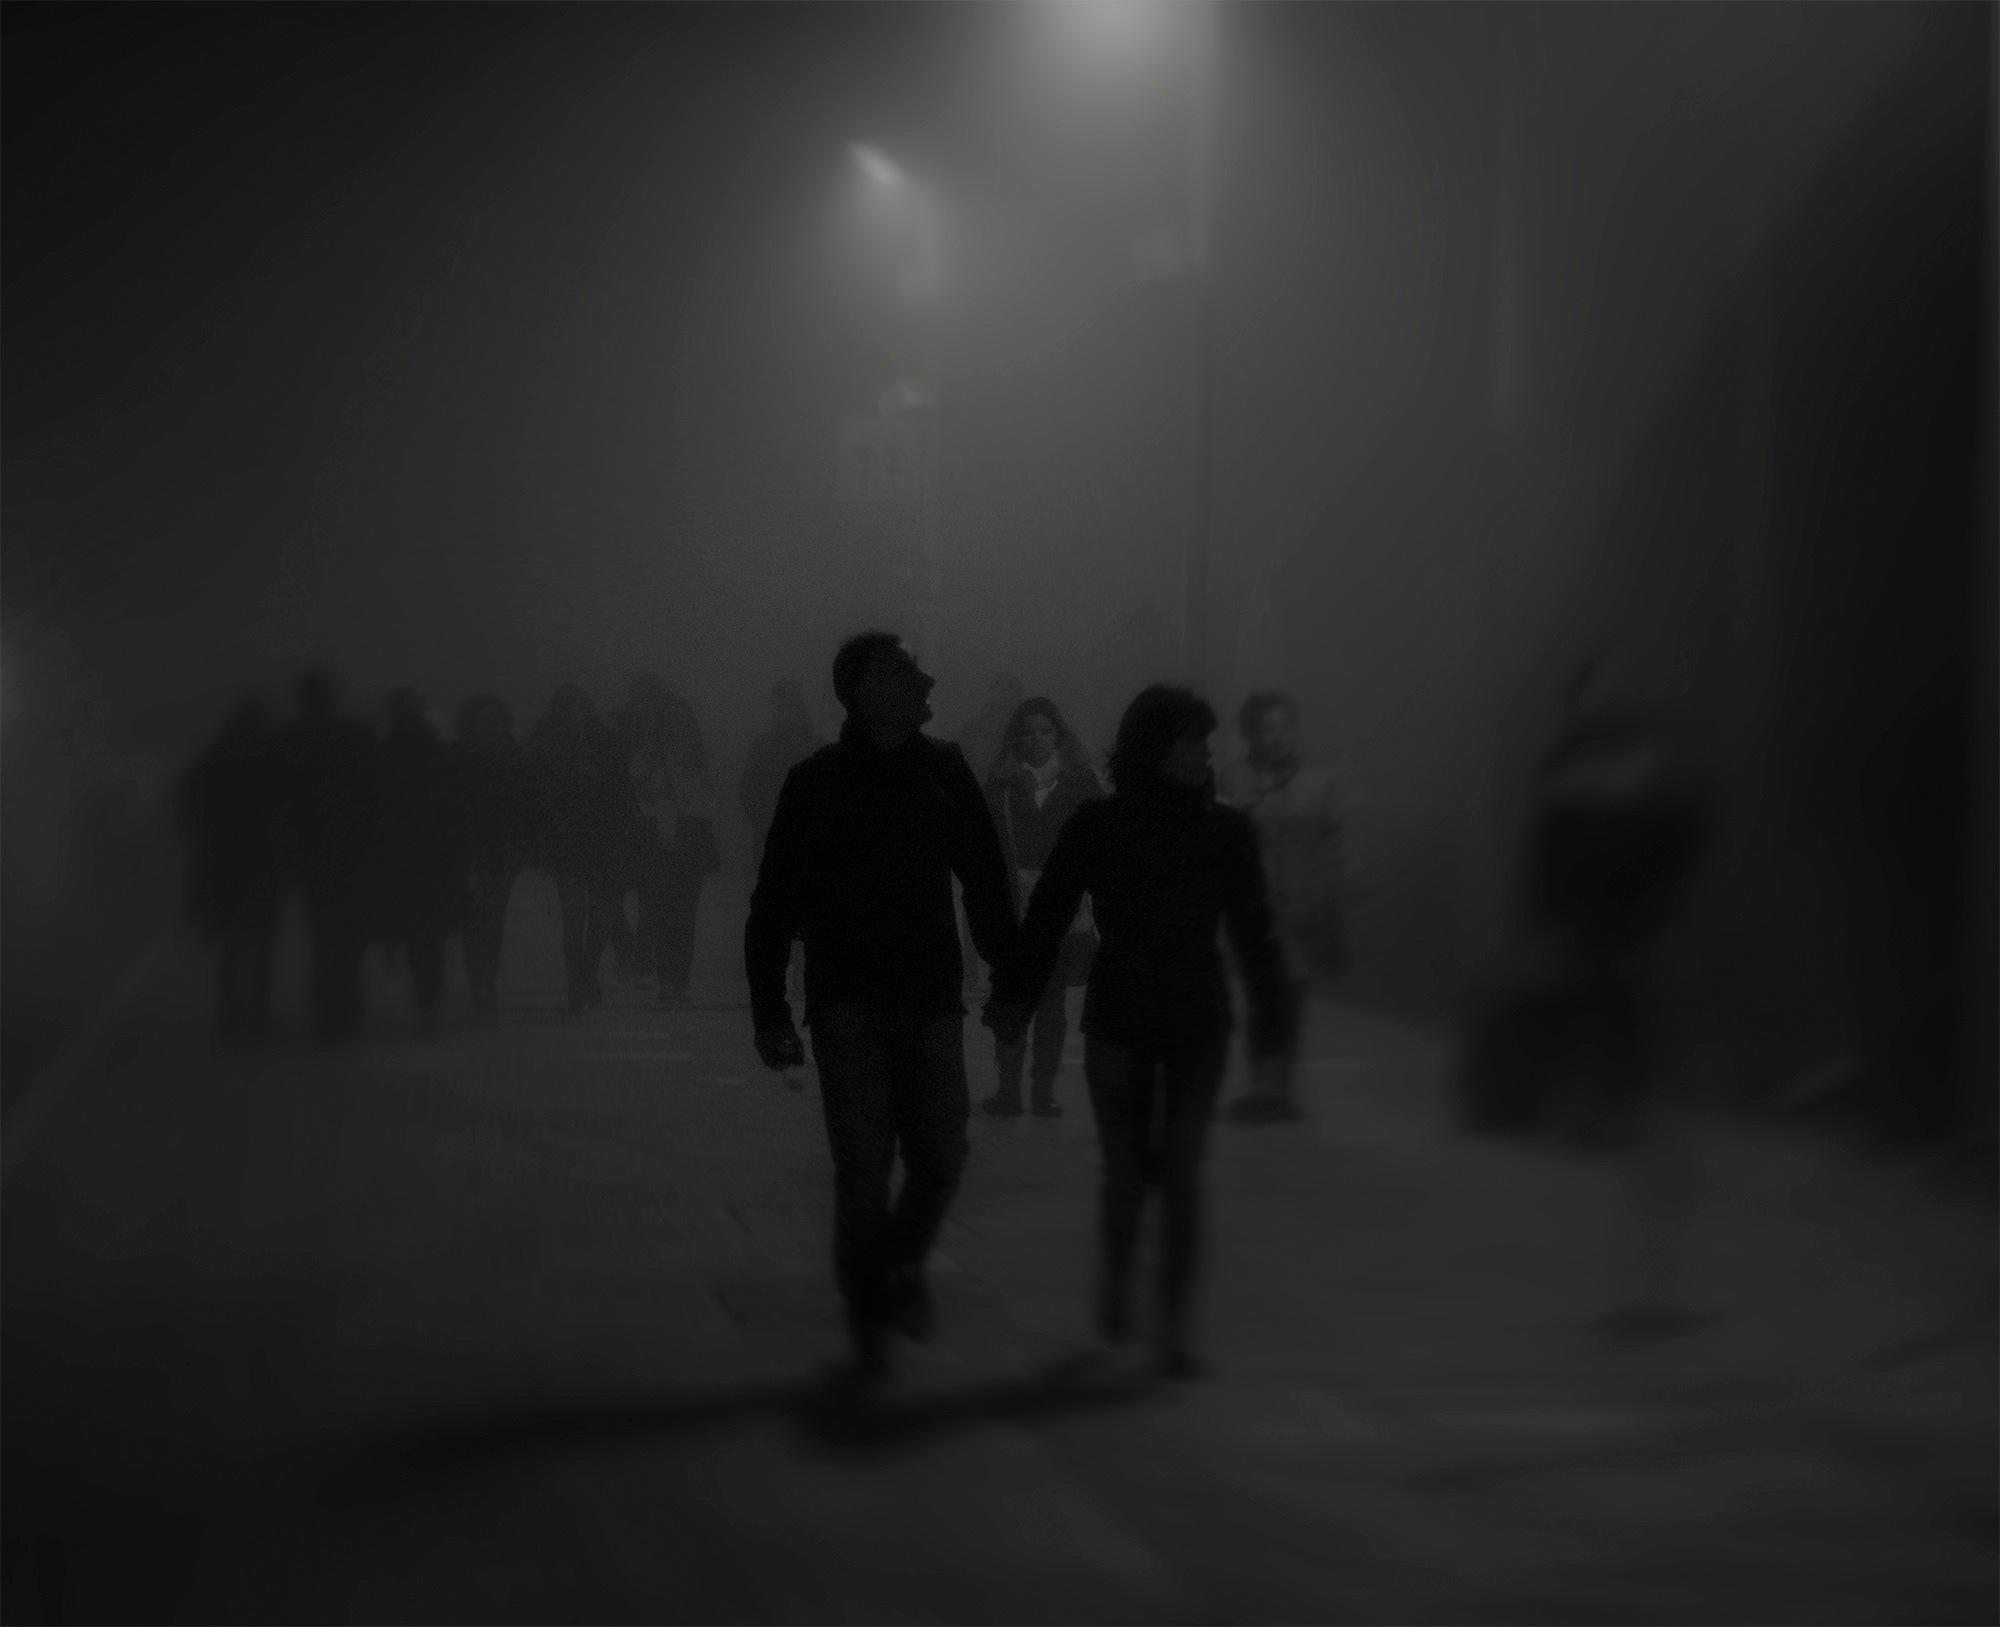 Fog by Garufi Angelo